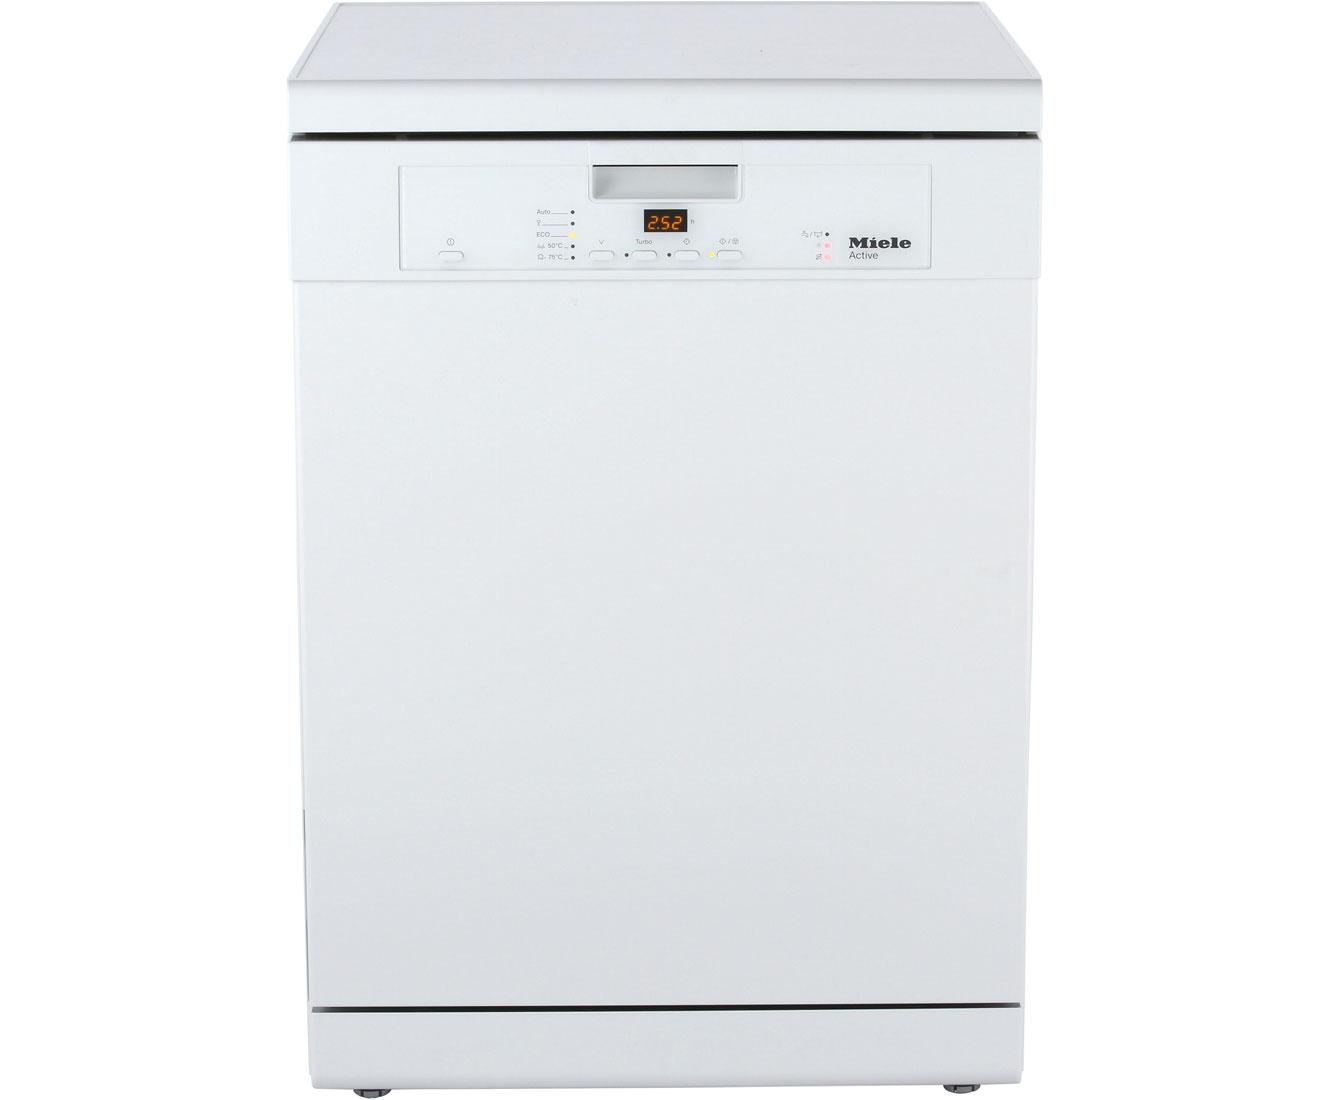 Miele Active G 4203 Geschirrspüler 60 cm - Weiß | Küche und Esszimmer > Küchenelektrogeräte > Gefrierschränke | Weiß | Miele